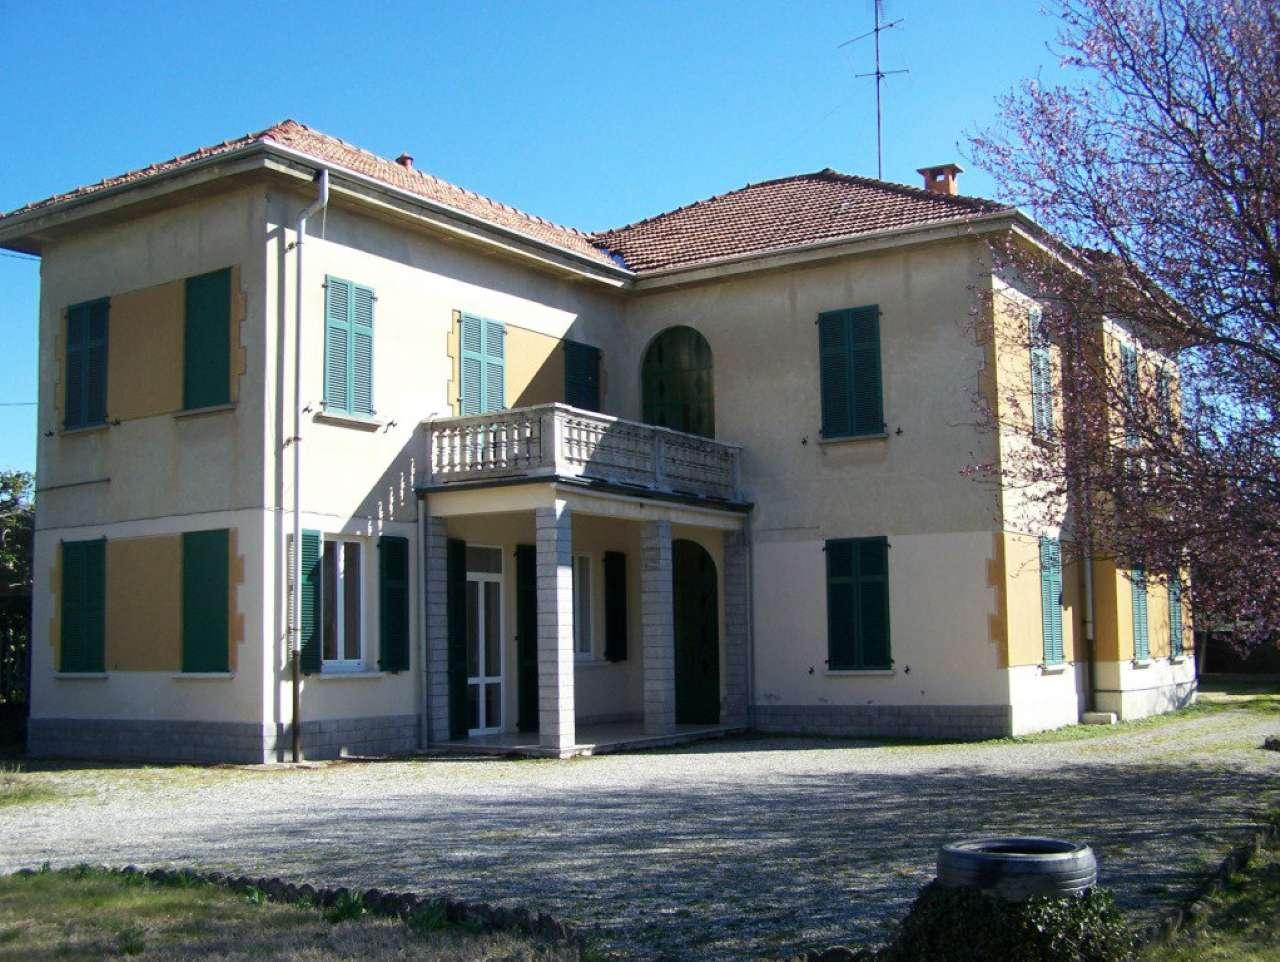 Soluzione Indipendente in vendita a Oggiona con Santo Stefano, 10 locali, prezzo € 330.000 | Cambio Casa.it